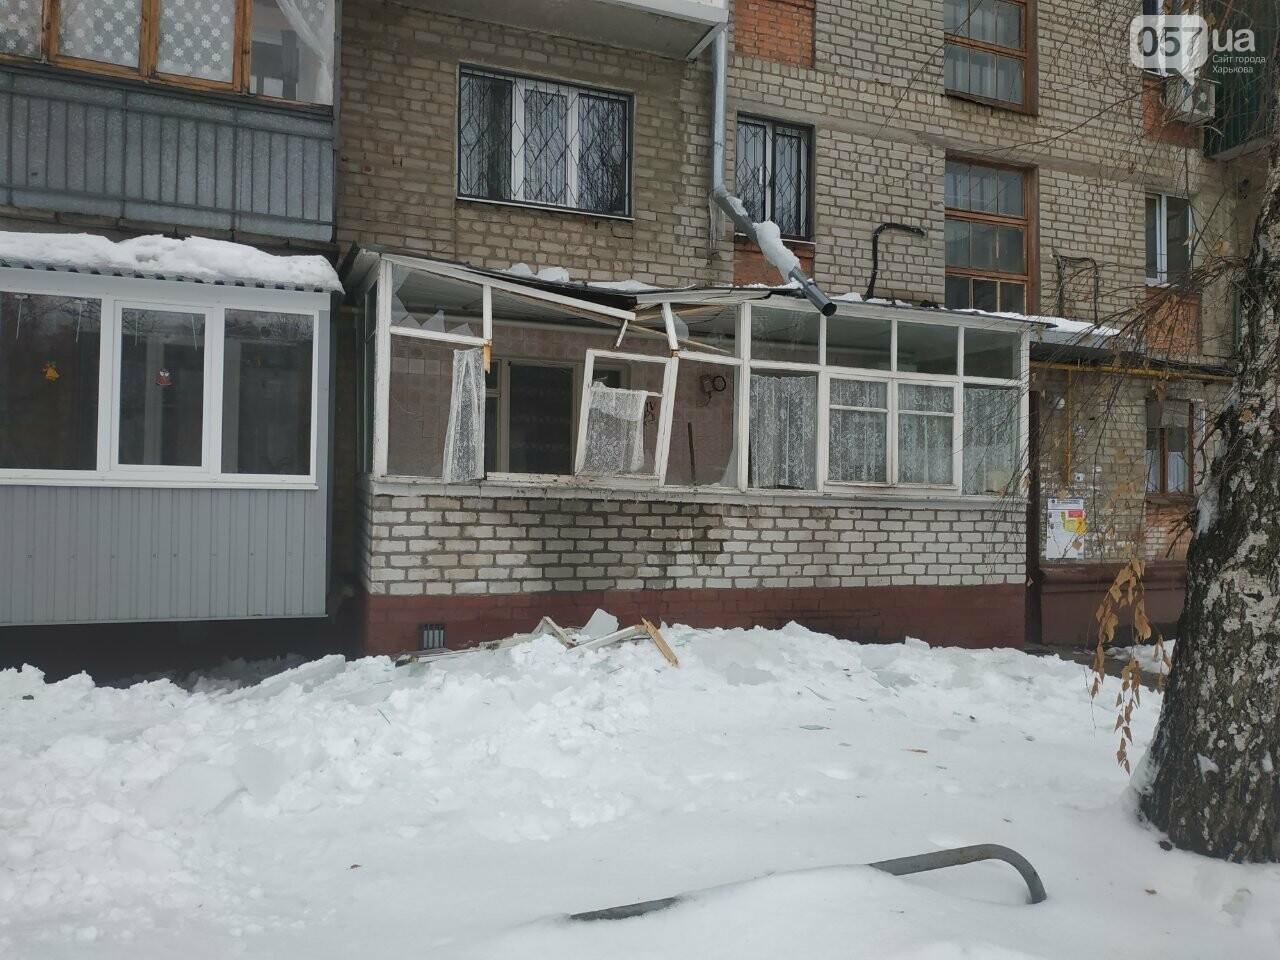 Een Winters Balkon : На Новых домах упавшая глыба льда разнесла балкон квартиры